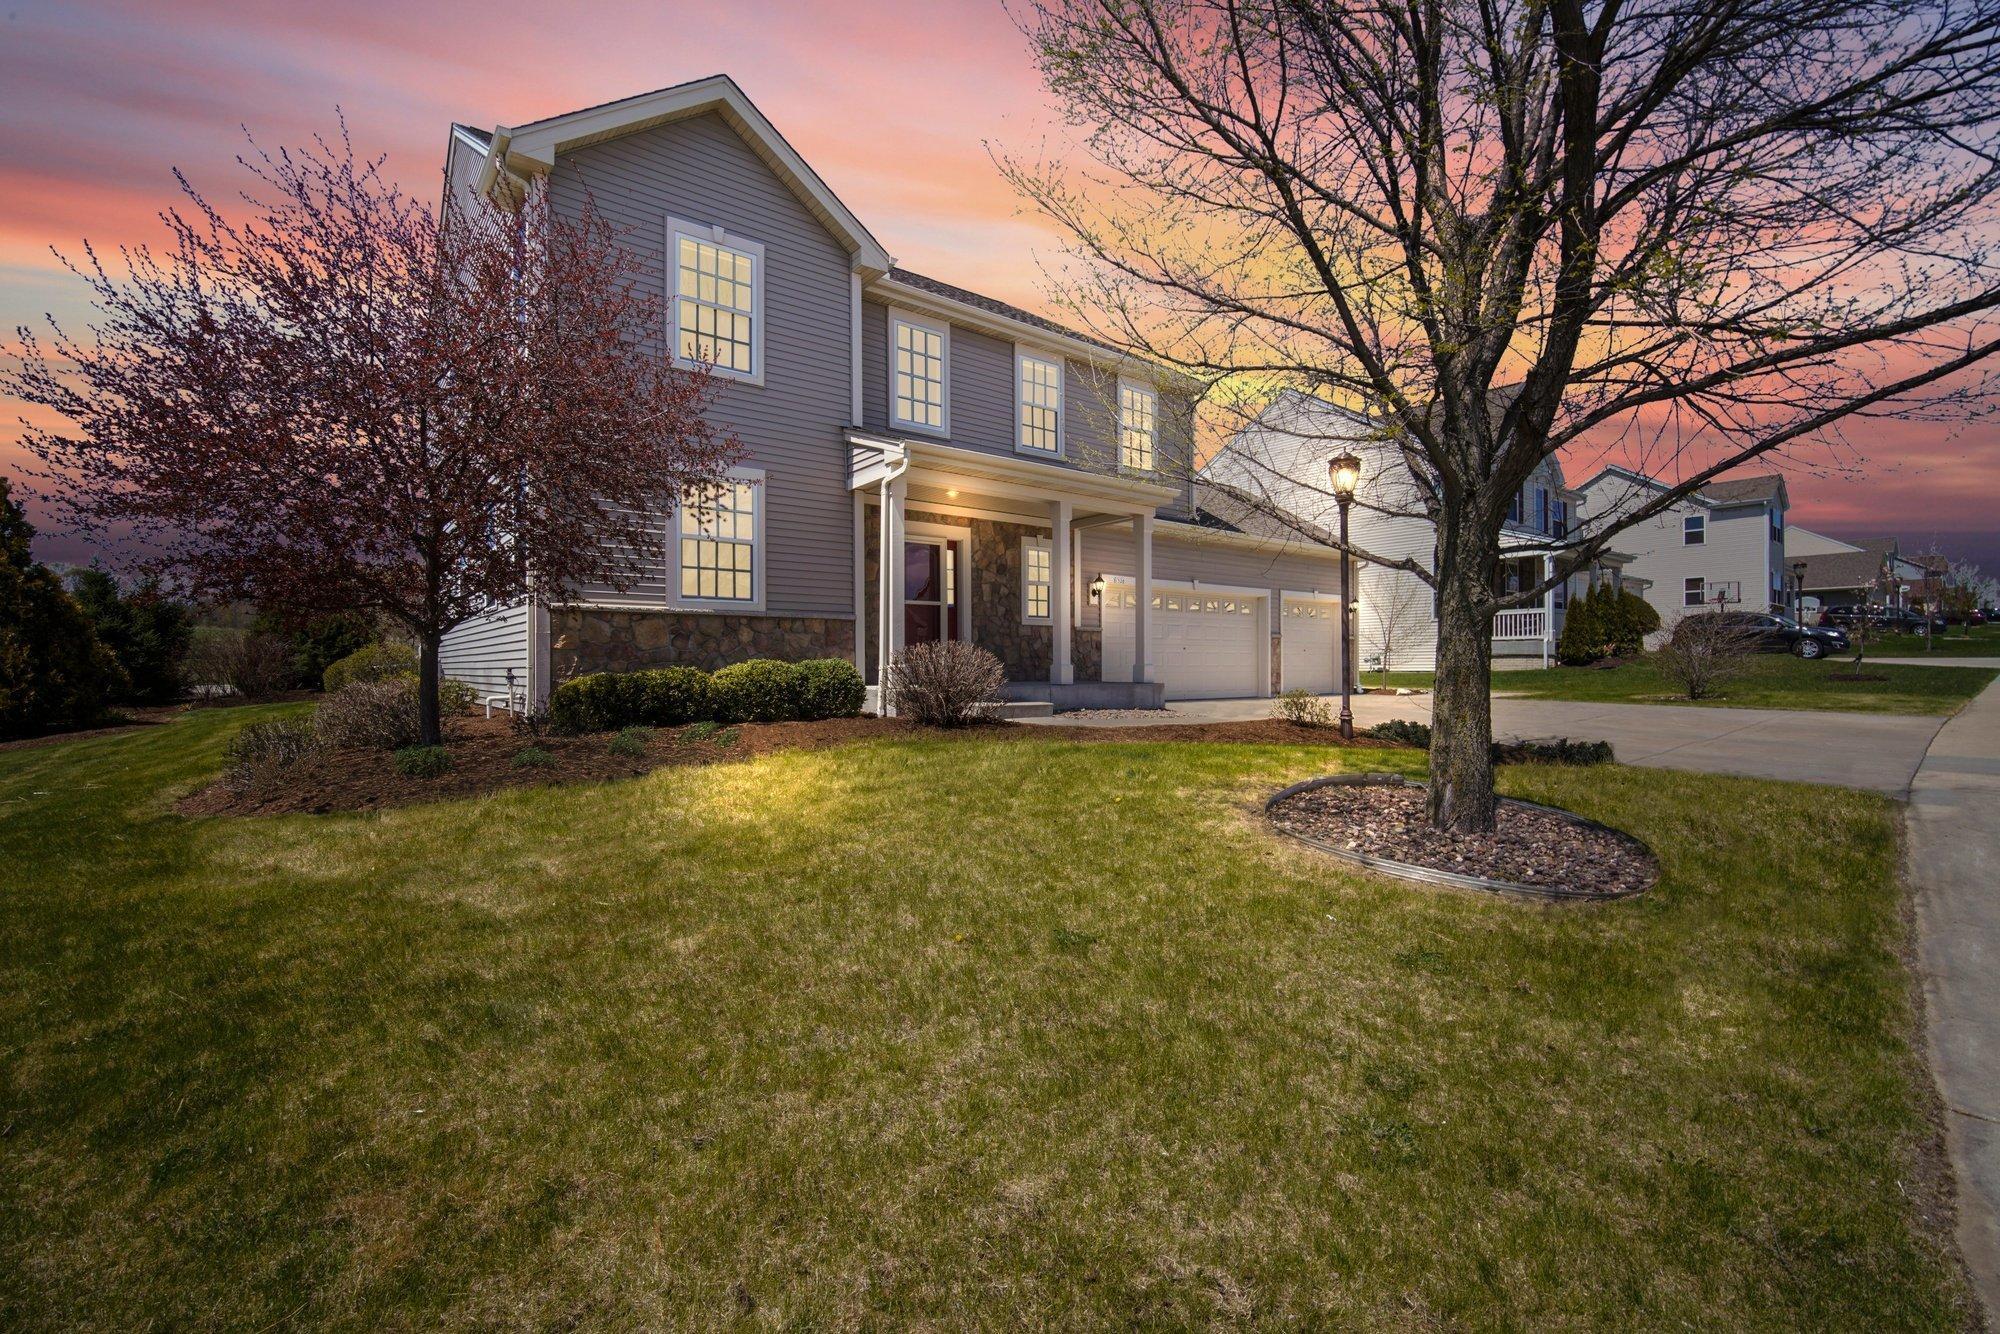 1520 Rockridge Way, Waukesha, Wisconsin 53188, 4 Bedrooms Bedrooms, 9 Rooms Rooms,2 BathroomsBathrooms,Single-Family,For Sale,Rockridge Way,1689051